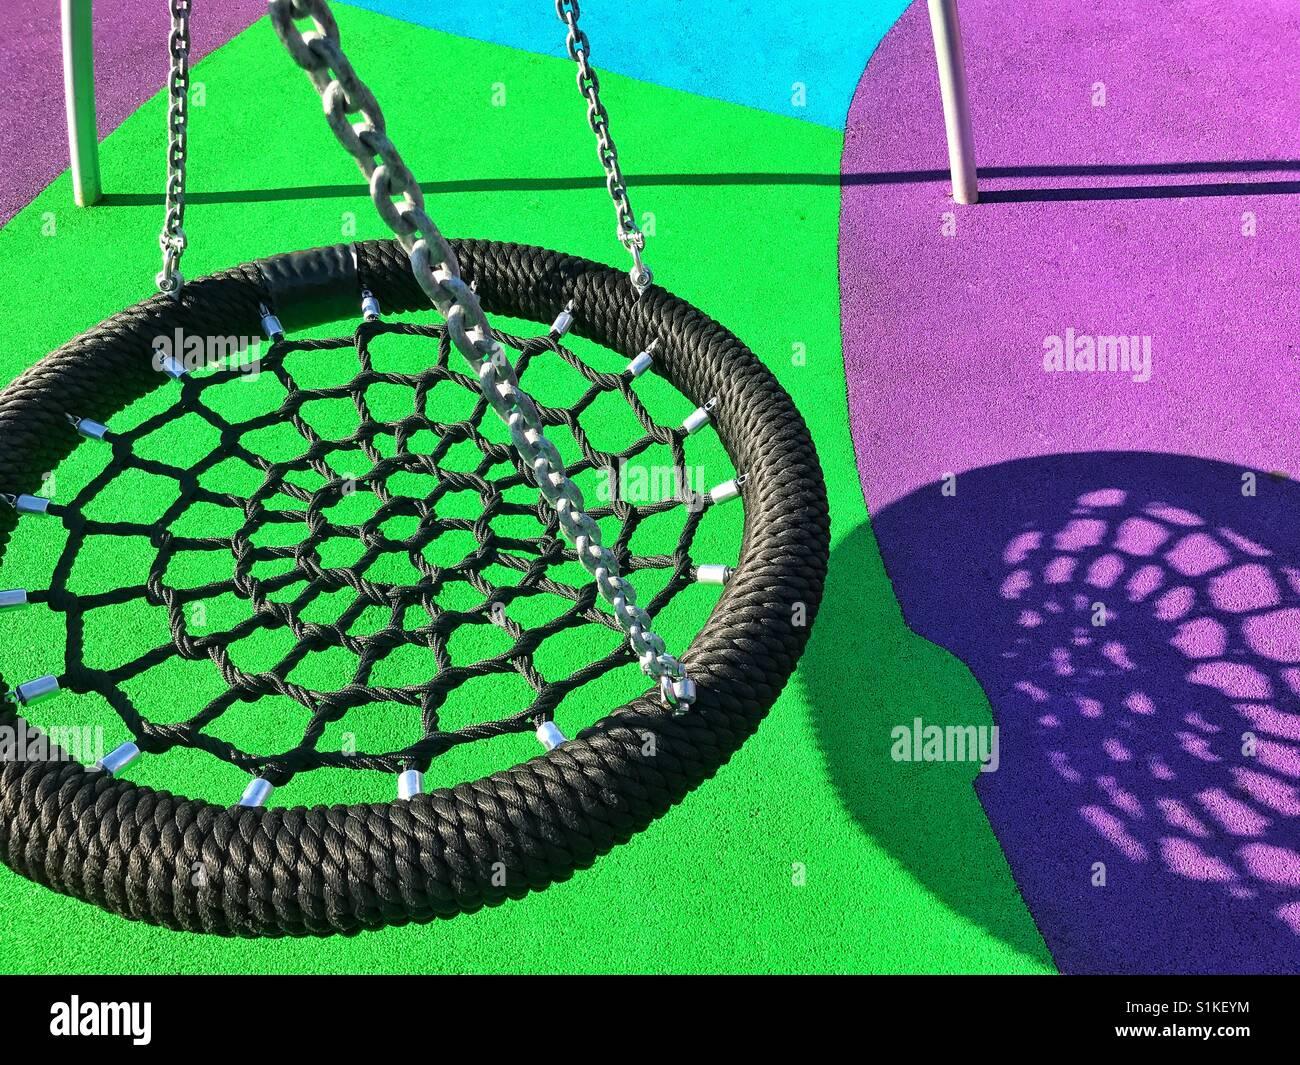 Un nuevo giro interesante echa una sombra sobre la colorida tierra en un playground para niños. Una imagen Imagen De Stock